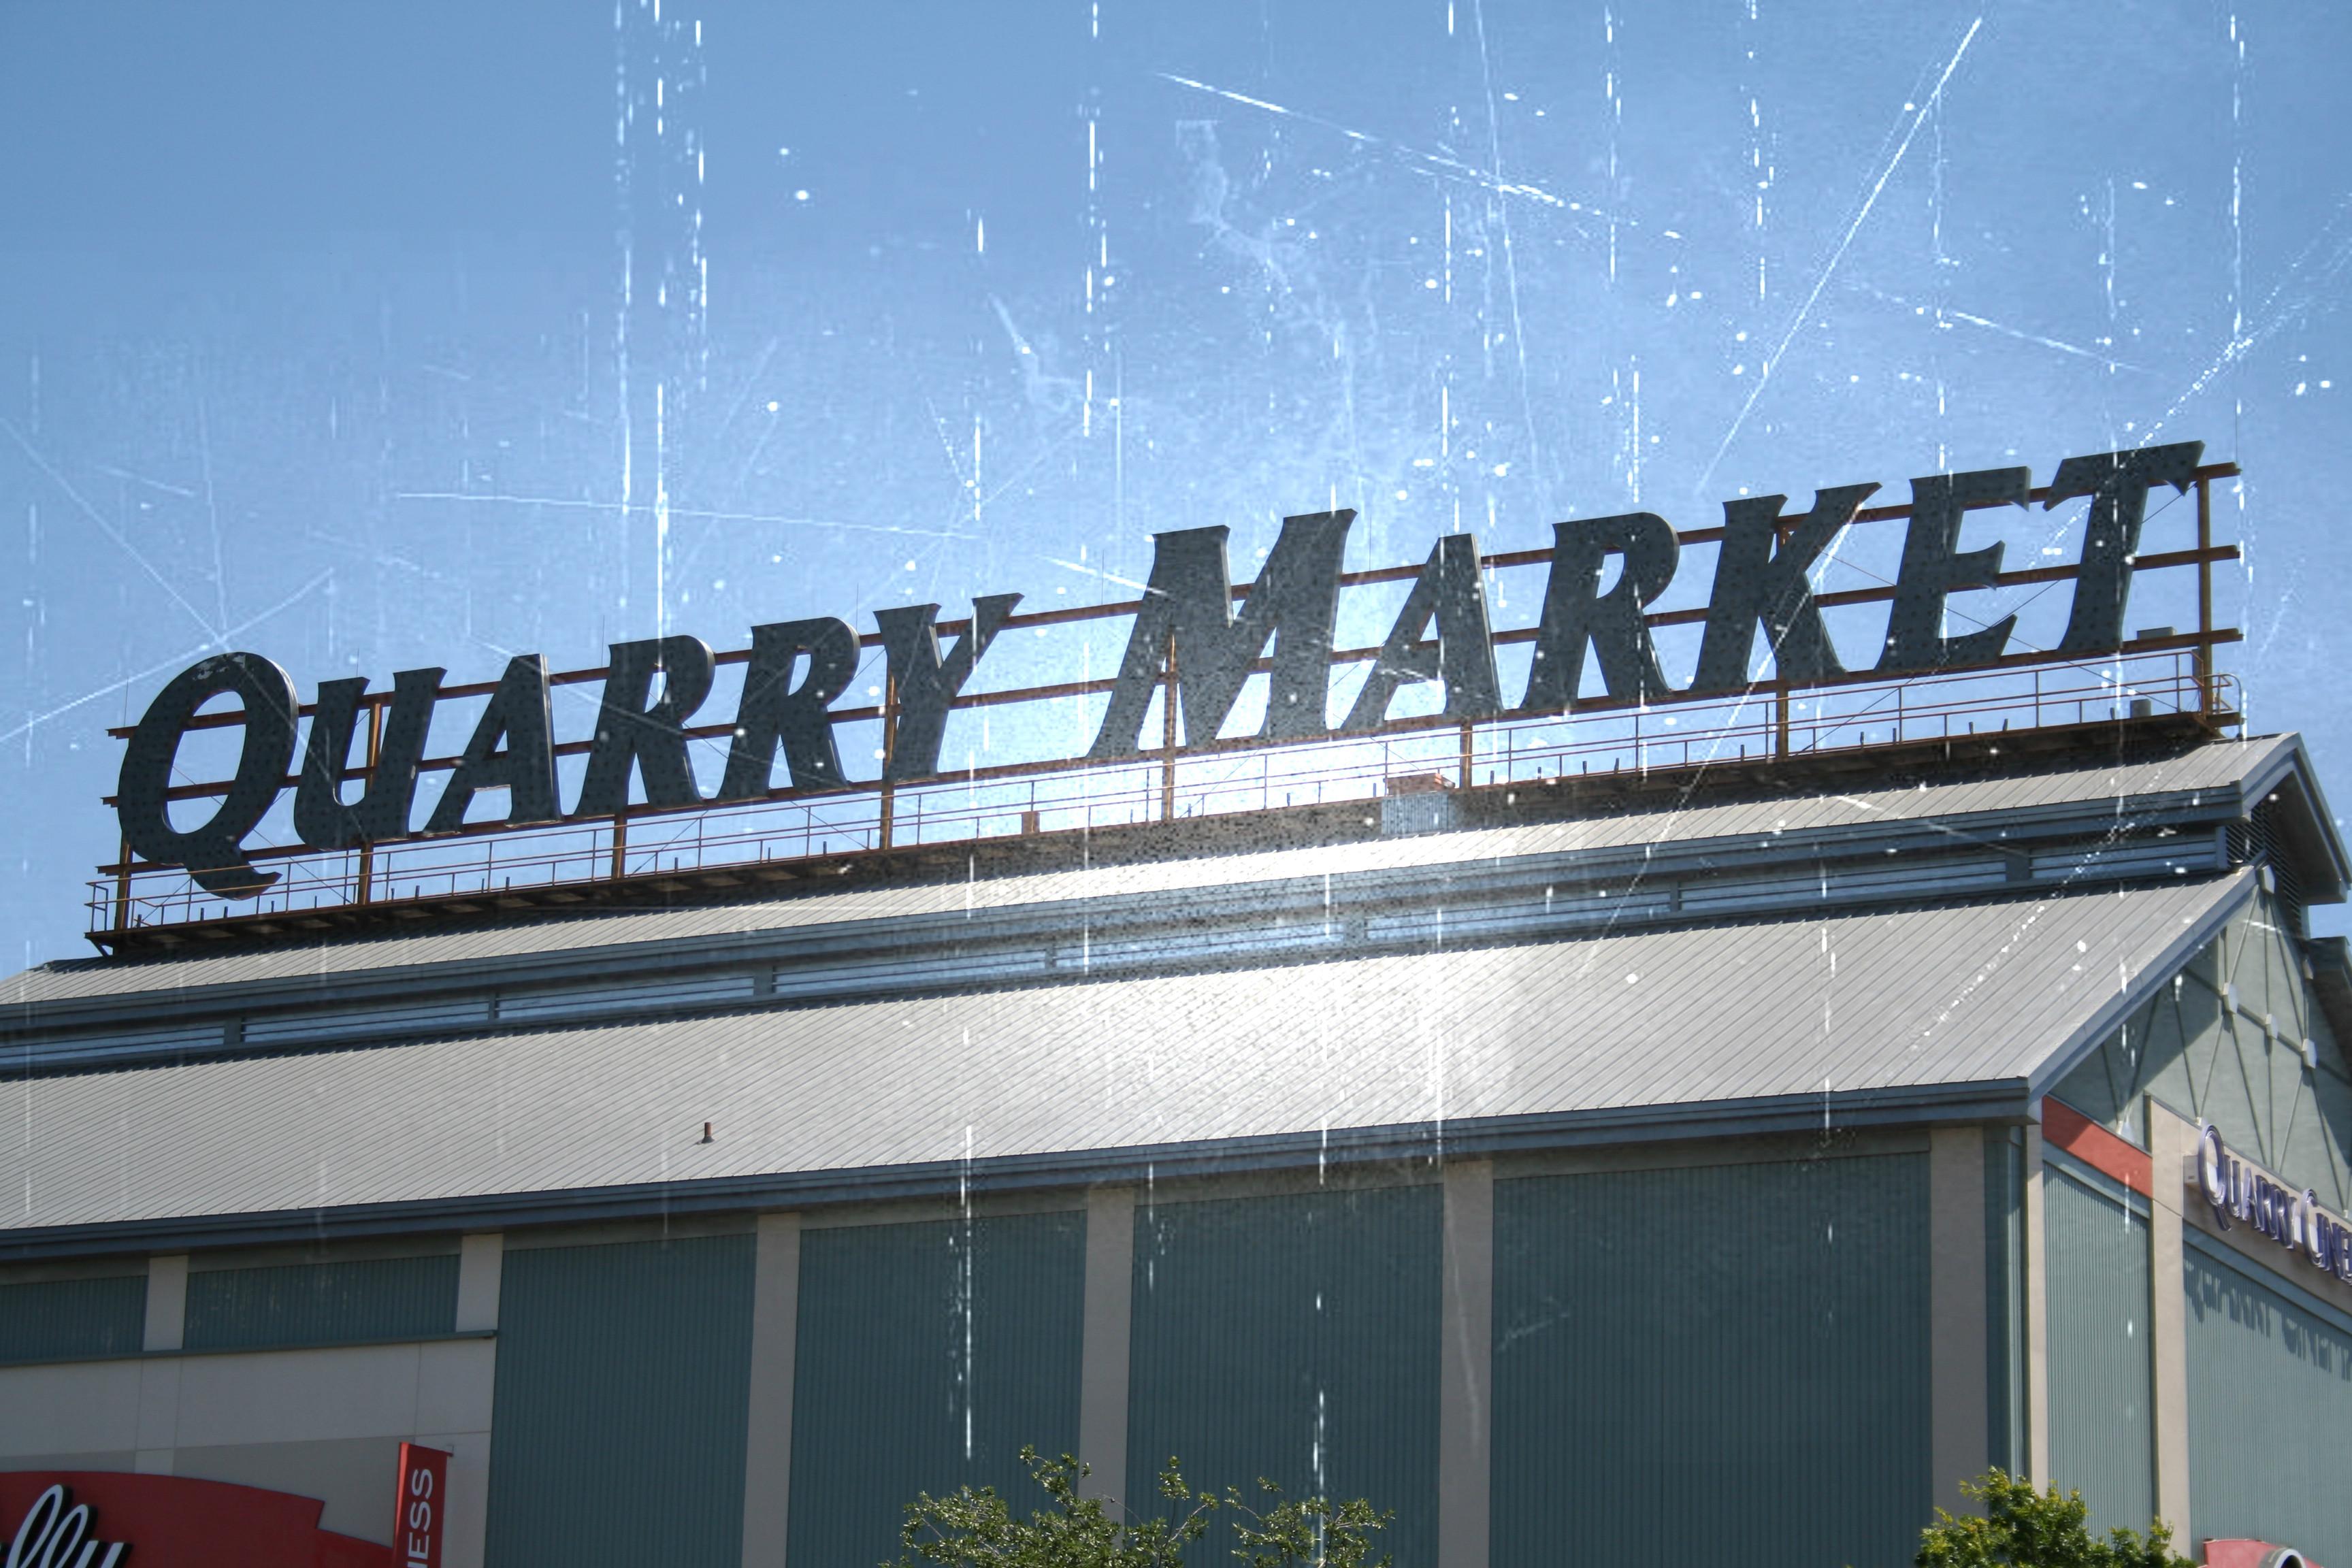 Alamo Quarry Market The Storibook